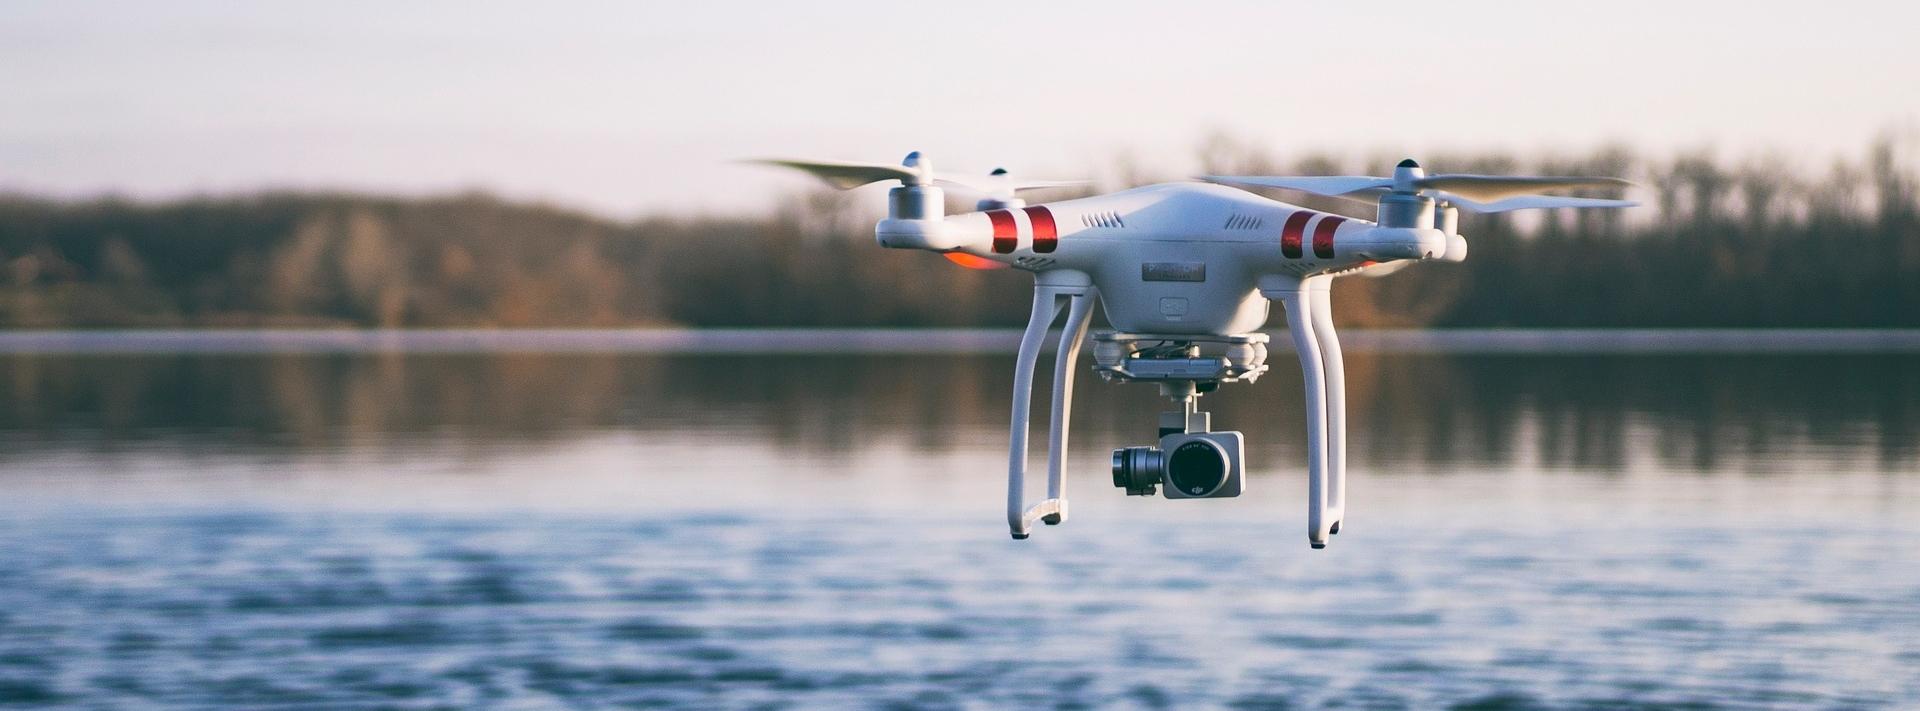 drone-2586622_1920